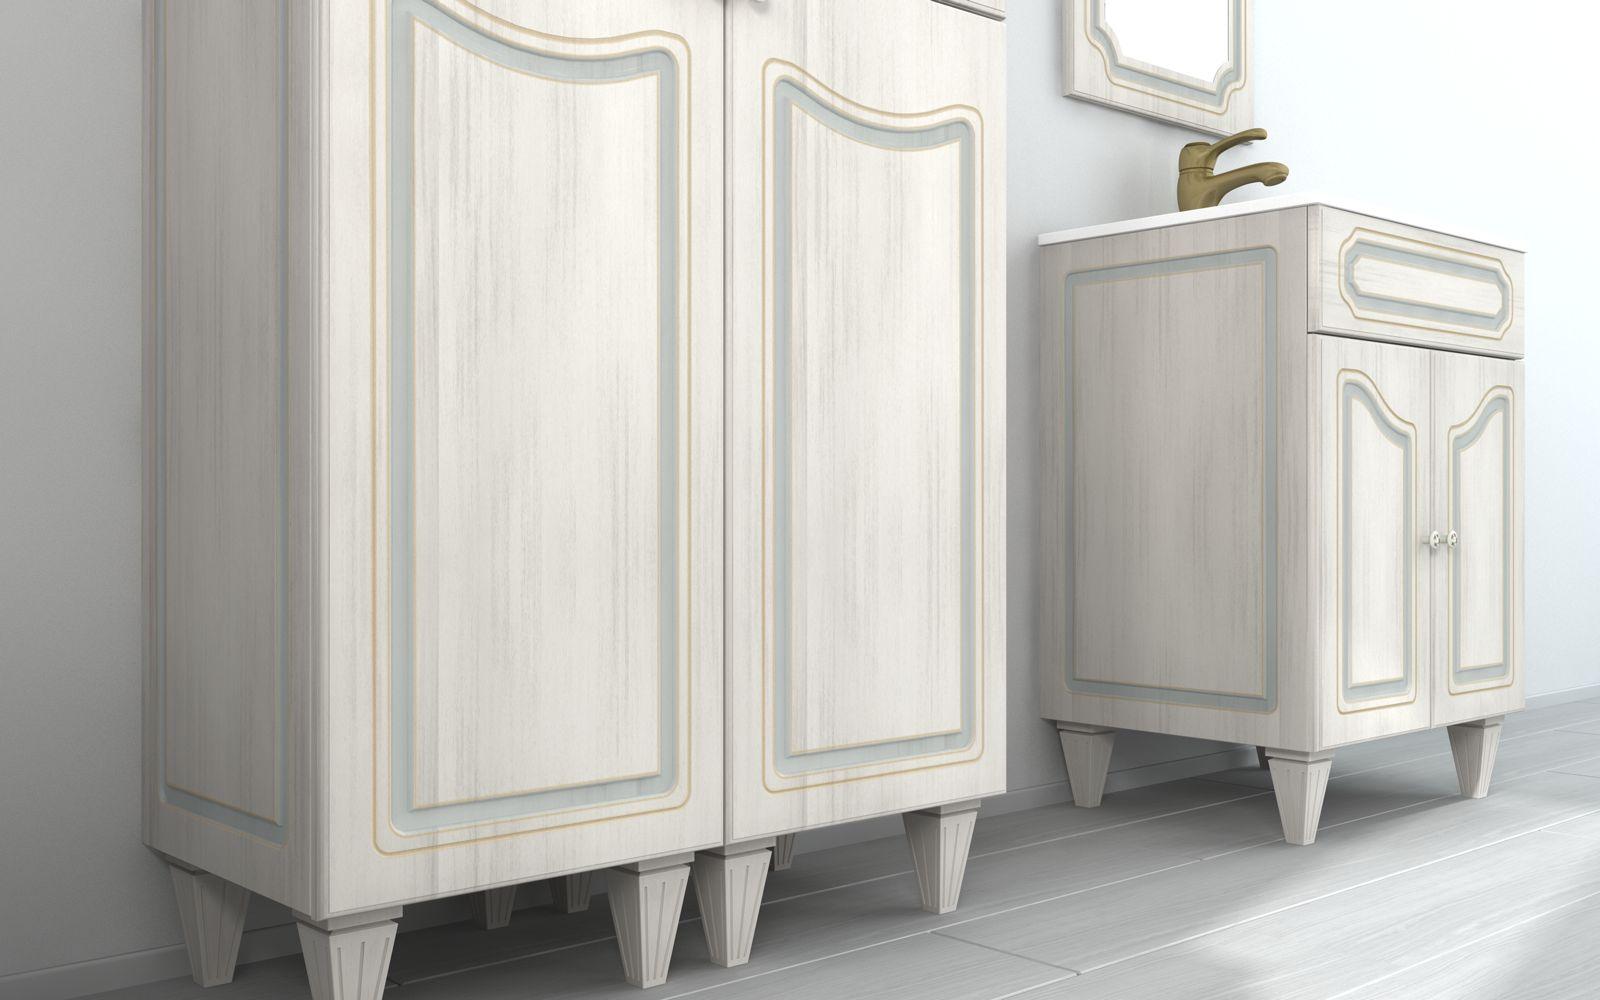 Caravaggio Bathroom Cabinet, arte povera, vintage style